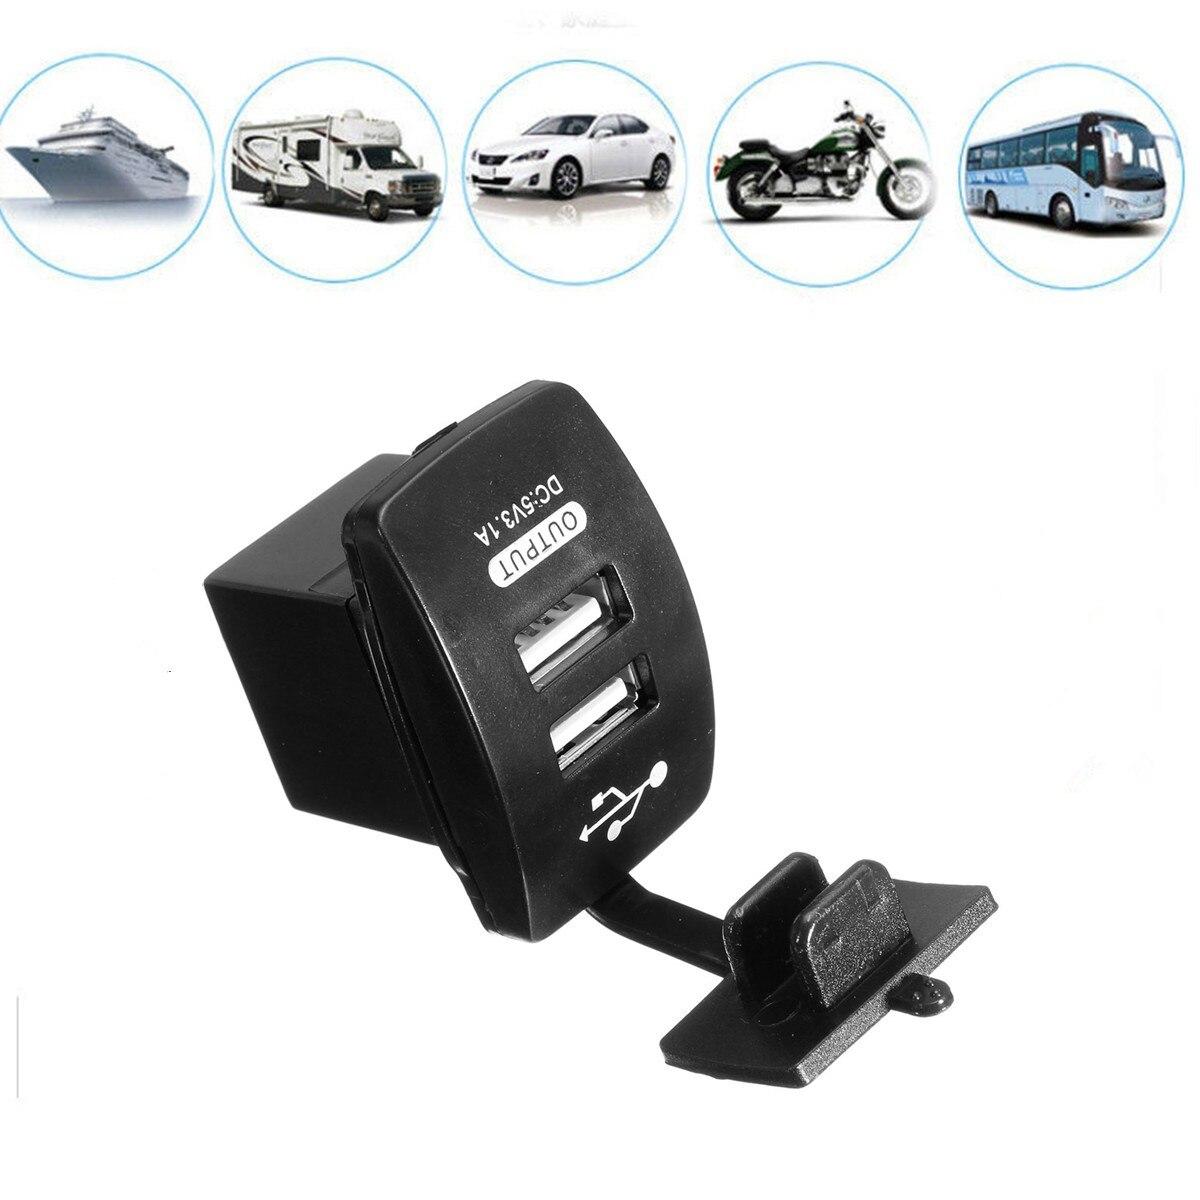 Dual Car Cigarette Lighter Socket Charger Power Adapter USB Splitter 12V Travel For Motorbike/ Boat/ Caravans